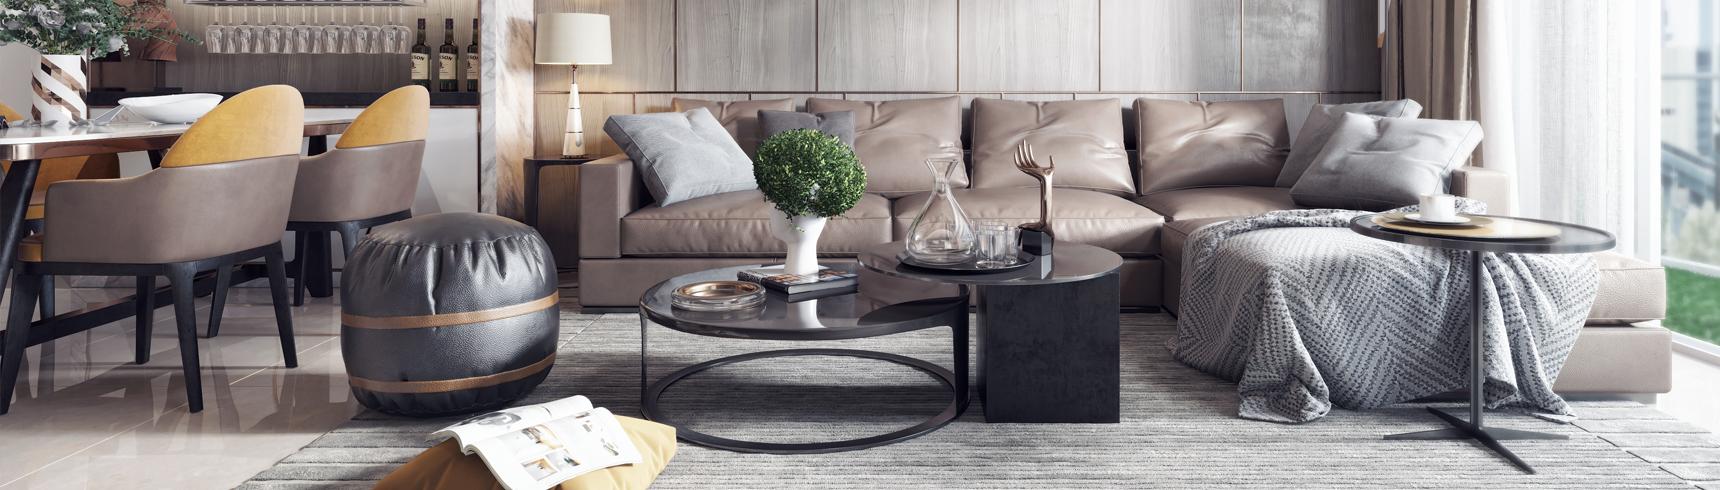 现代客厅 沙发茶几 电视柜 挂画 吊灯 餐桌椅3D模型下载